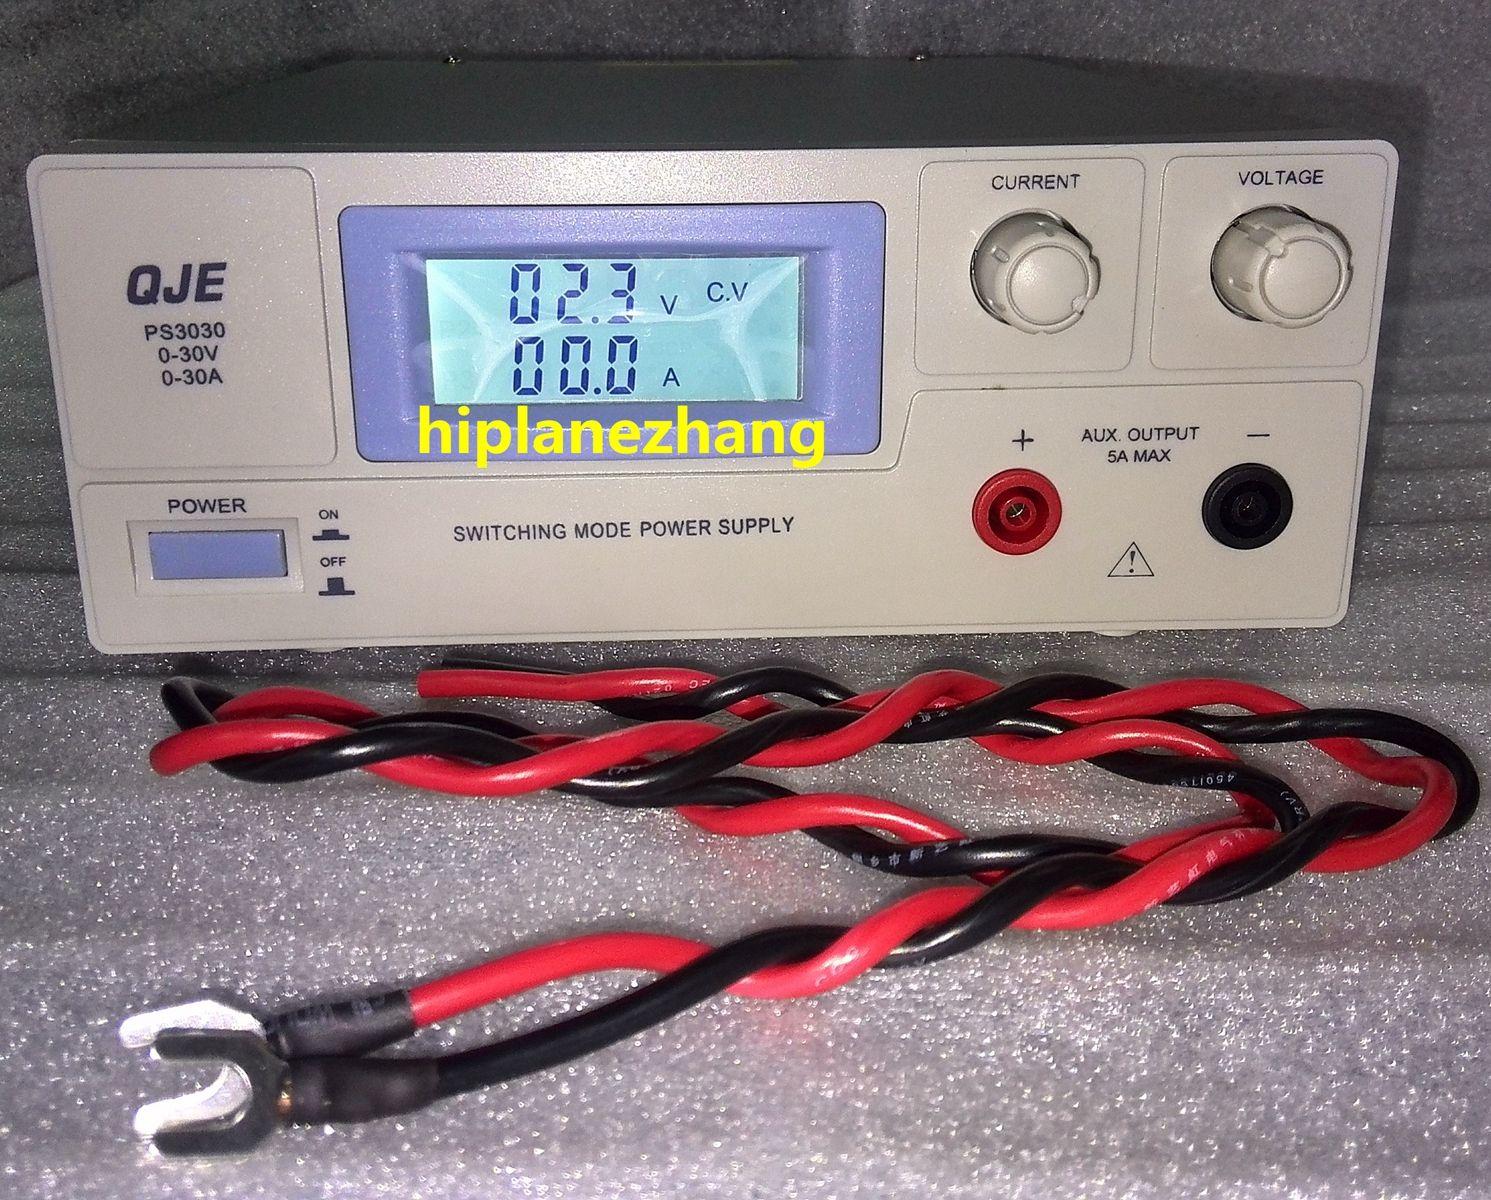 متغير قابل للتعديل المحمولة swithching العاصمة امدادات الطاقة الناتج 0-30V 0-30A دعم AC 220V PS3030